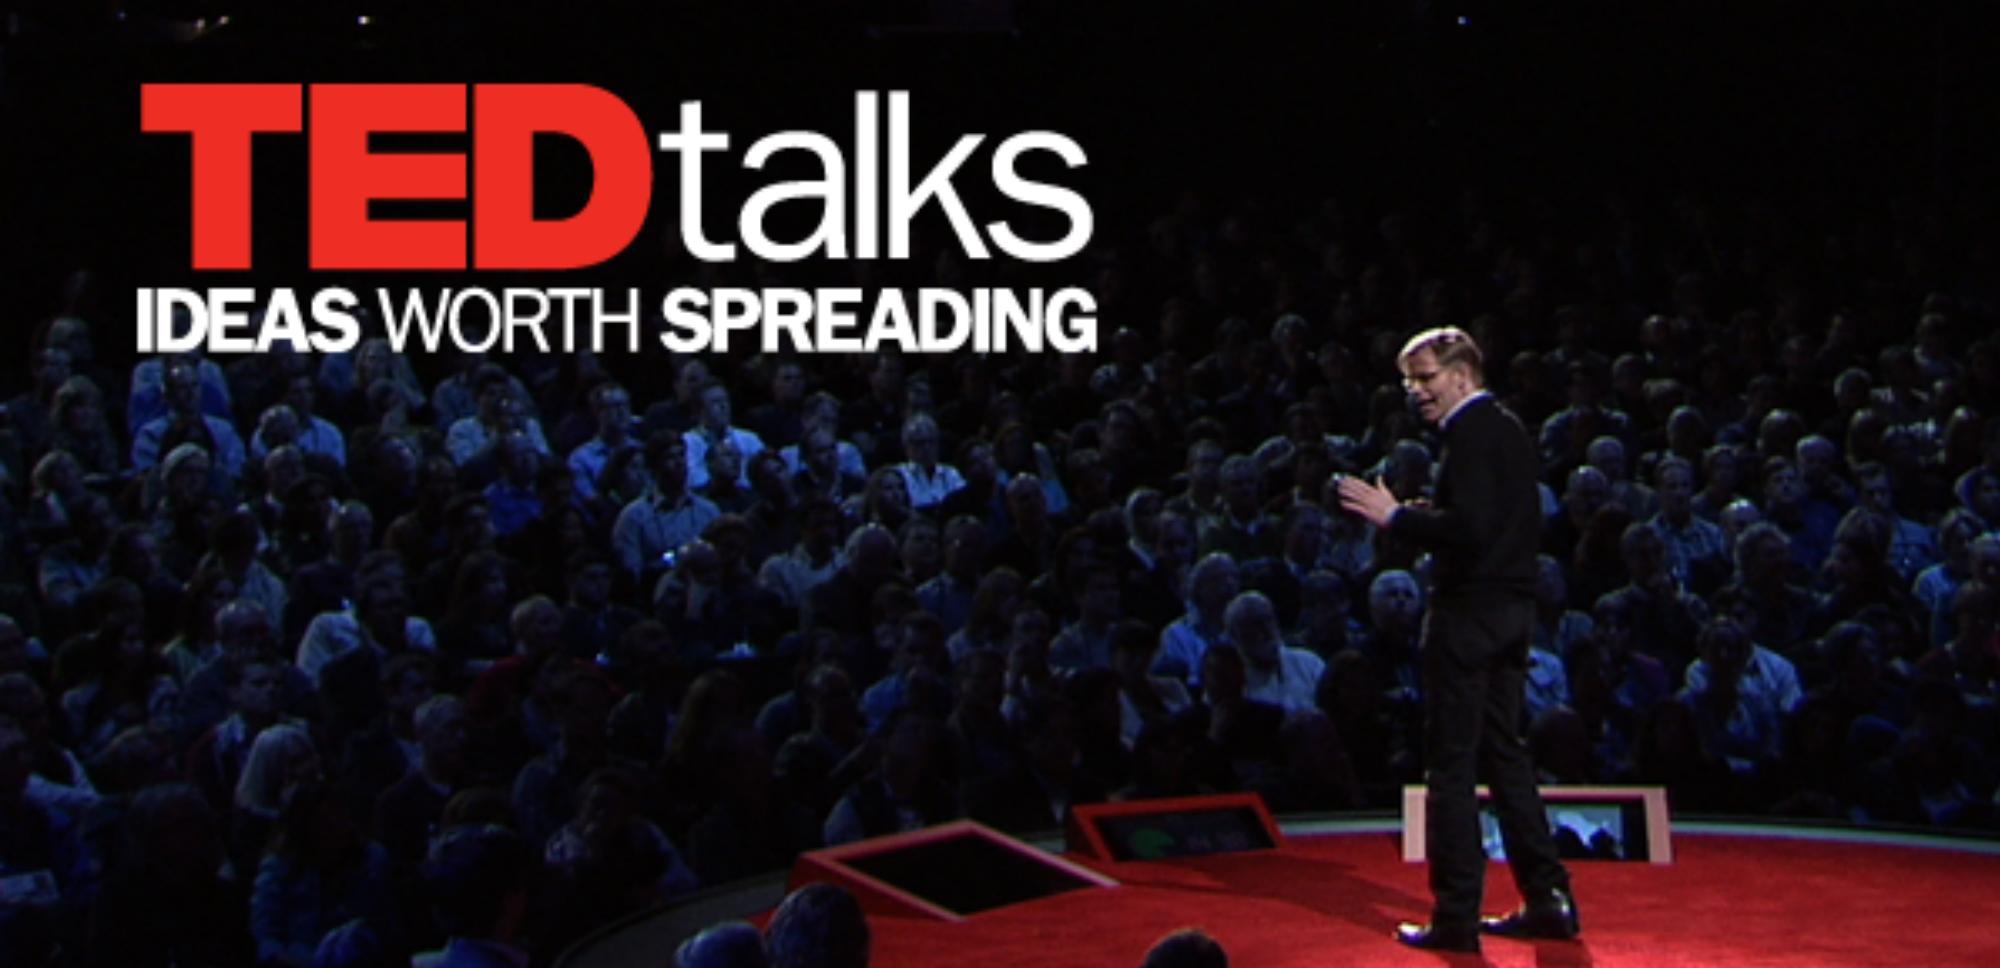 معرفی اپ : TED Me ویژه علاقمندان زبان انگلیسی